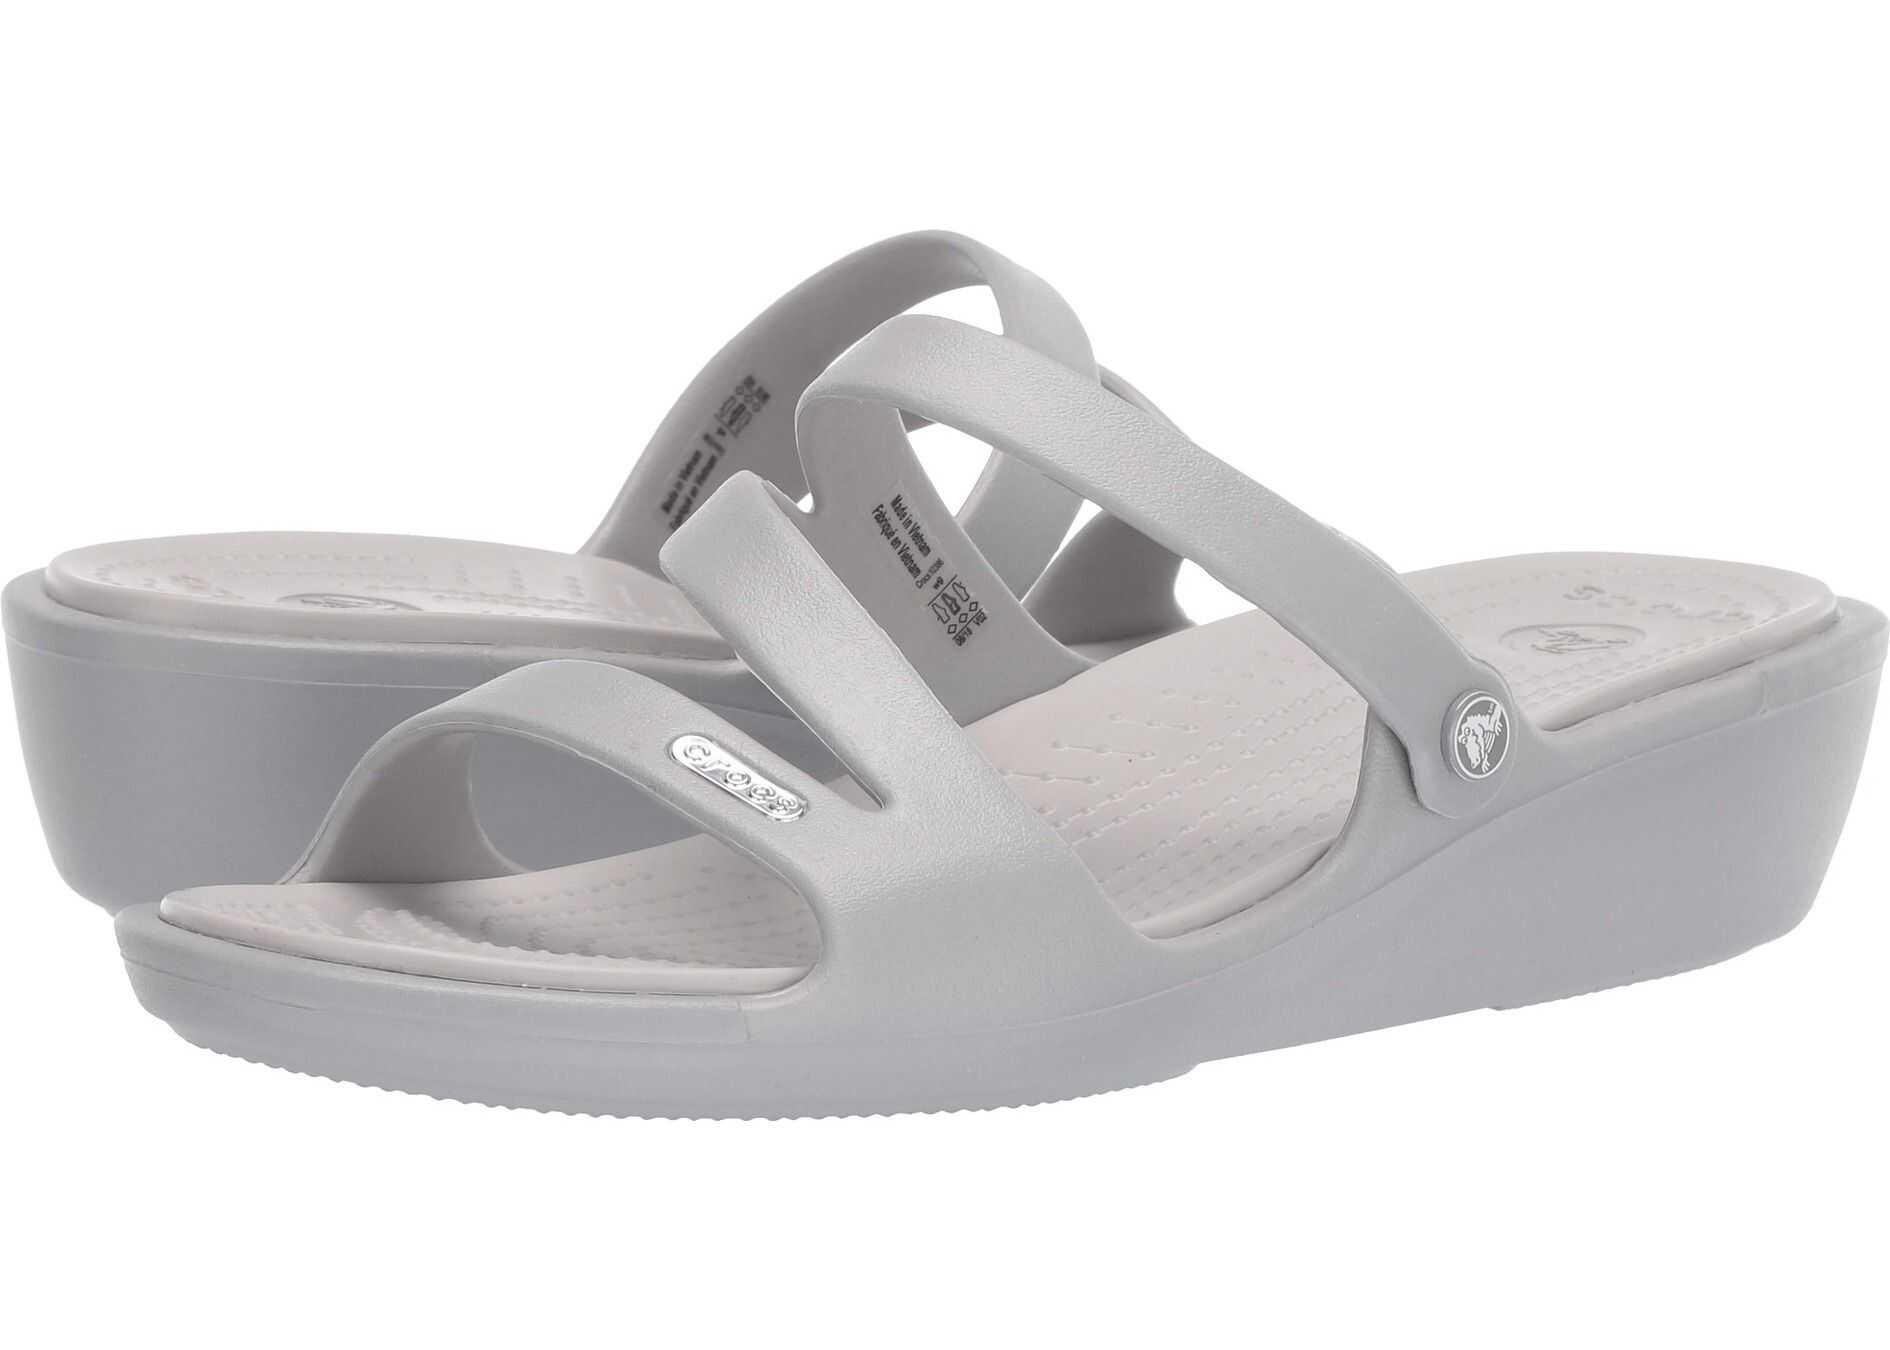 Crocs Patricia Silver/Pearl White